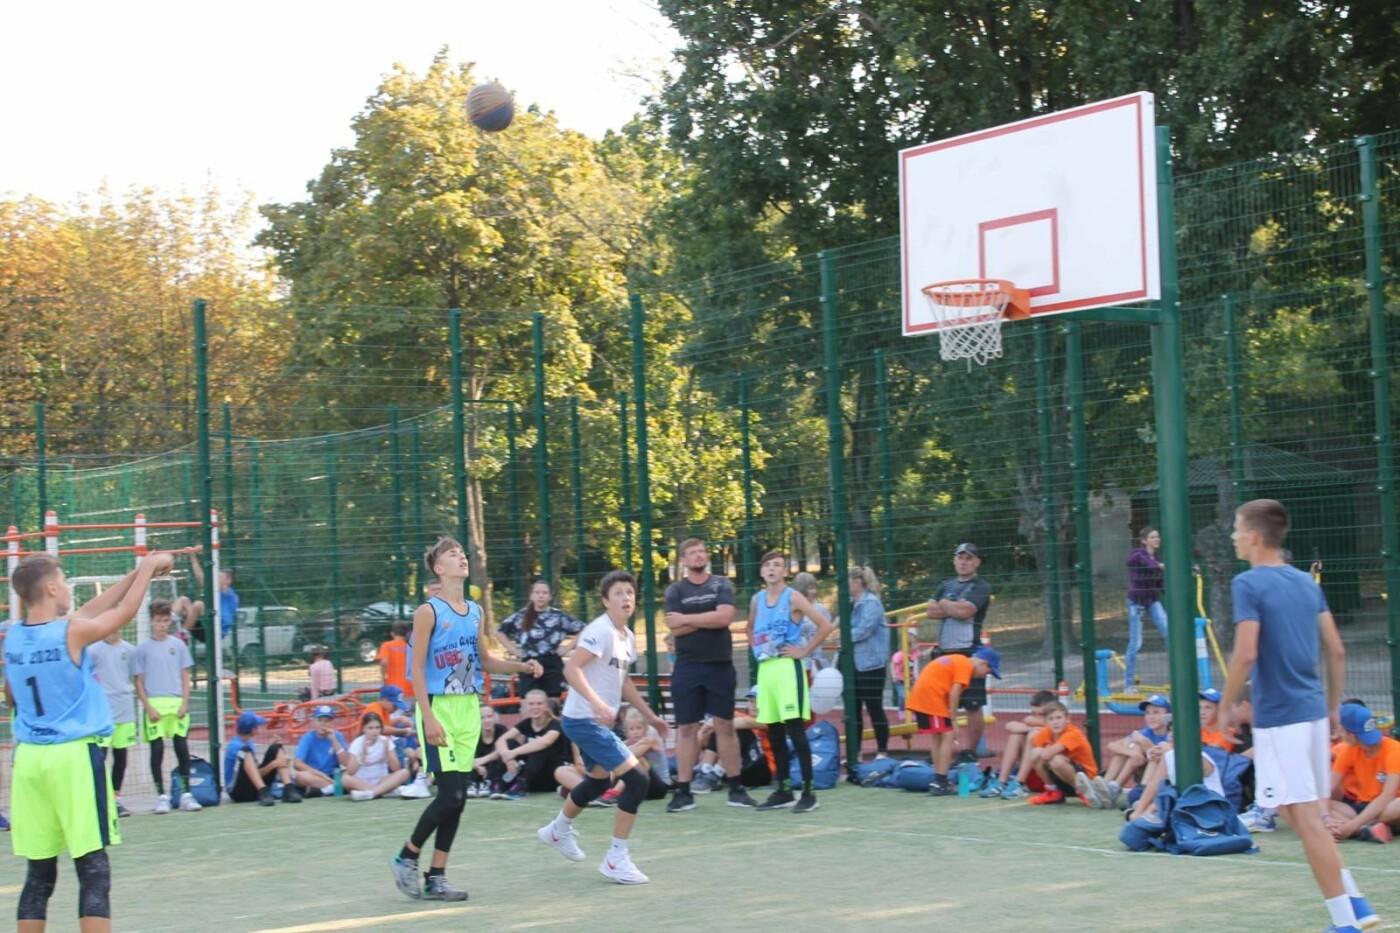 Турнир в День города: в Лозовой больше ста баскетболистов сыграли в стритбол, фото-1